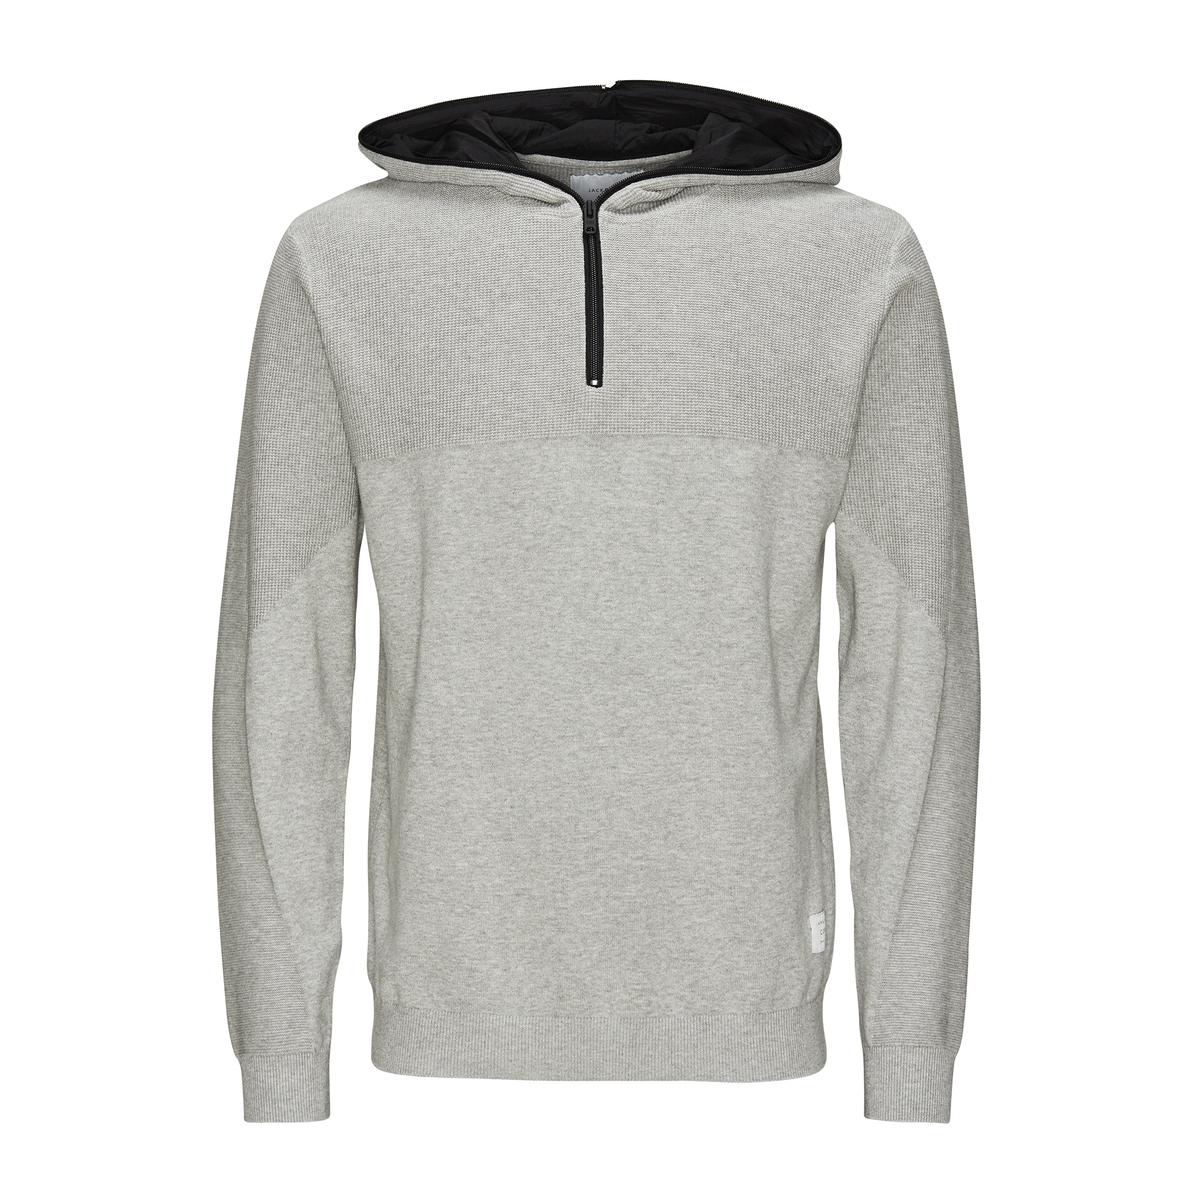 Пуловер с капюшономСостав и описаниеМатериал: 100% хлопок.Марка: JACK &amp; JONES.<br><br>Цвет: светло-серый меланж,черный<br>Размер: M